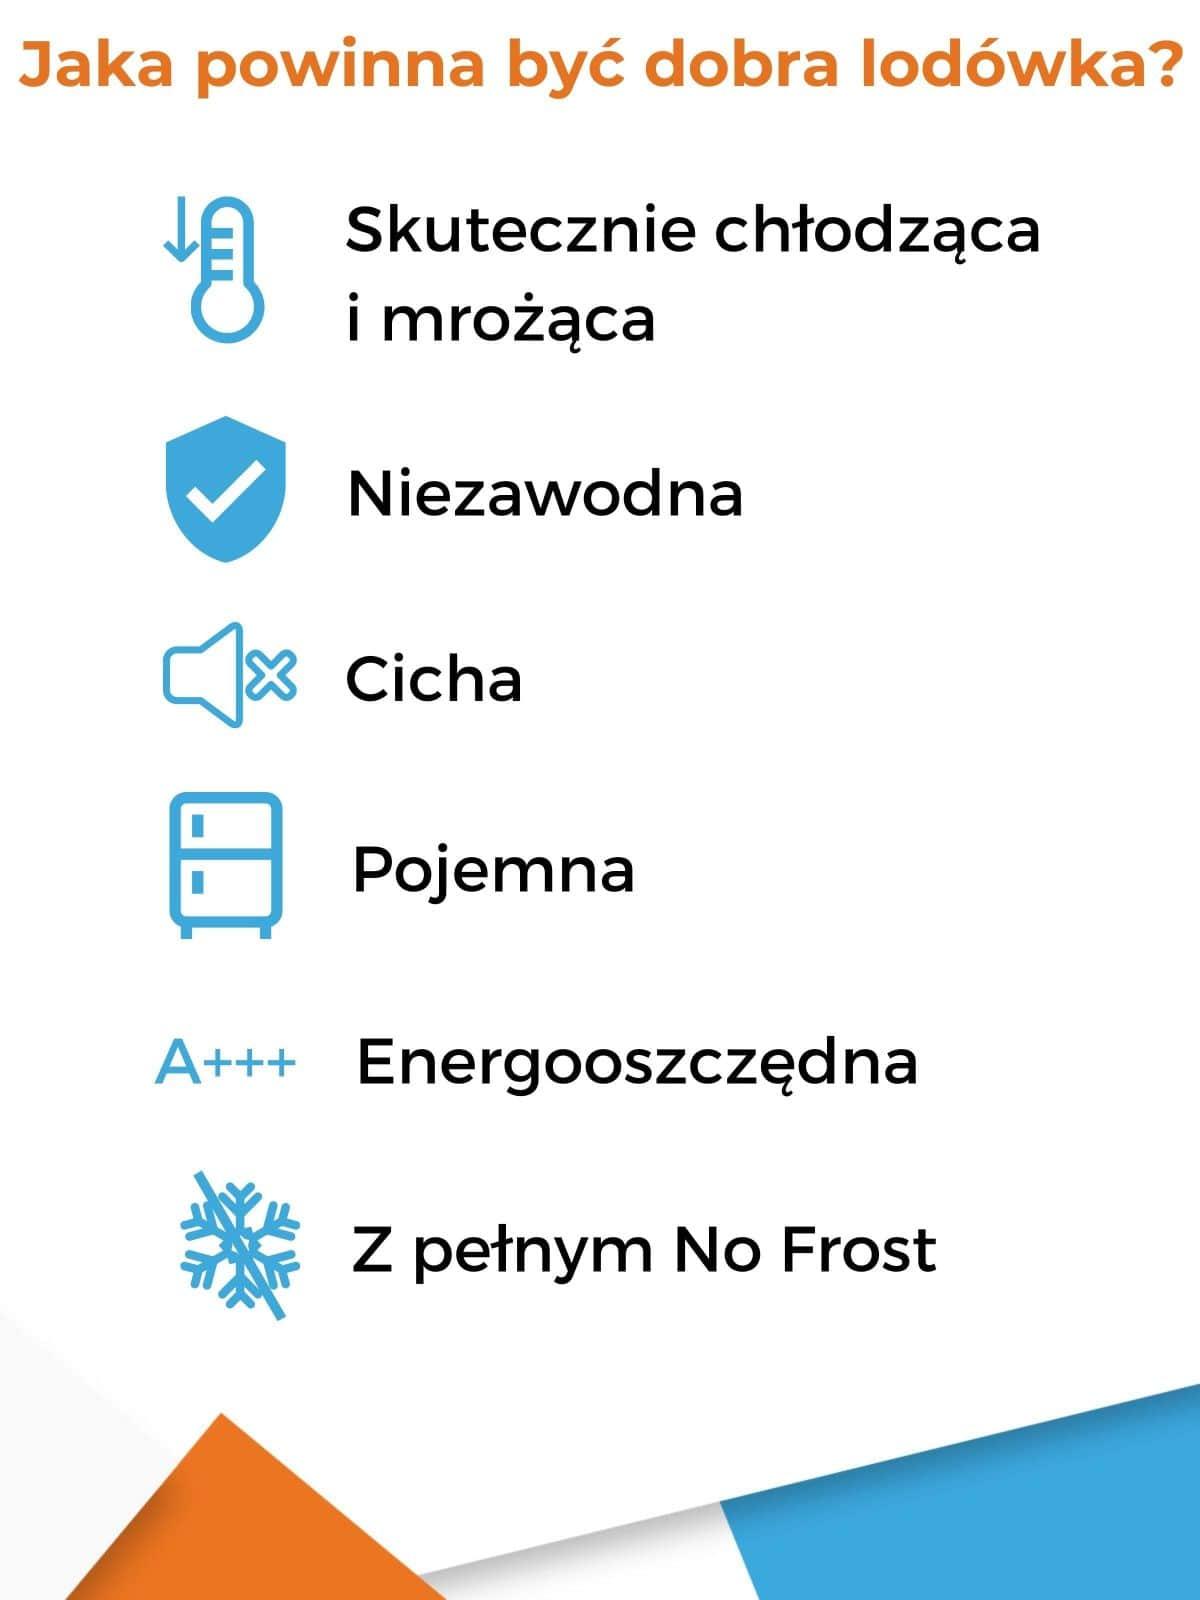 Jaka powinna być dobra lodówka - infografika